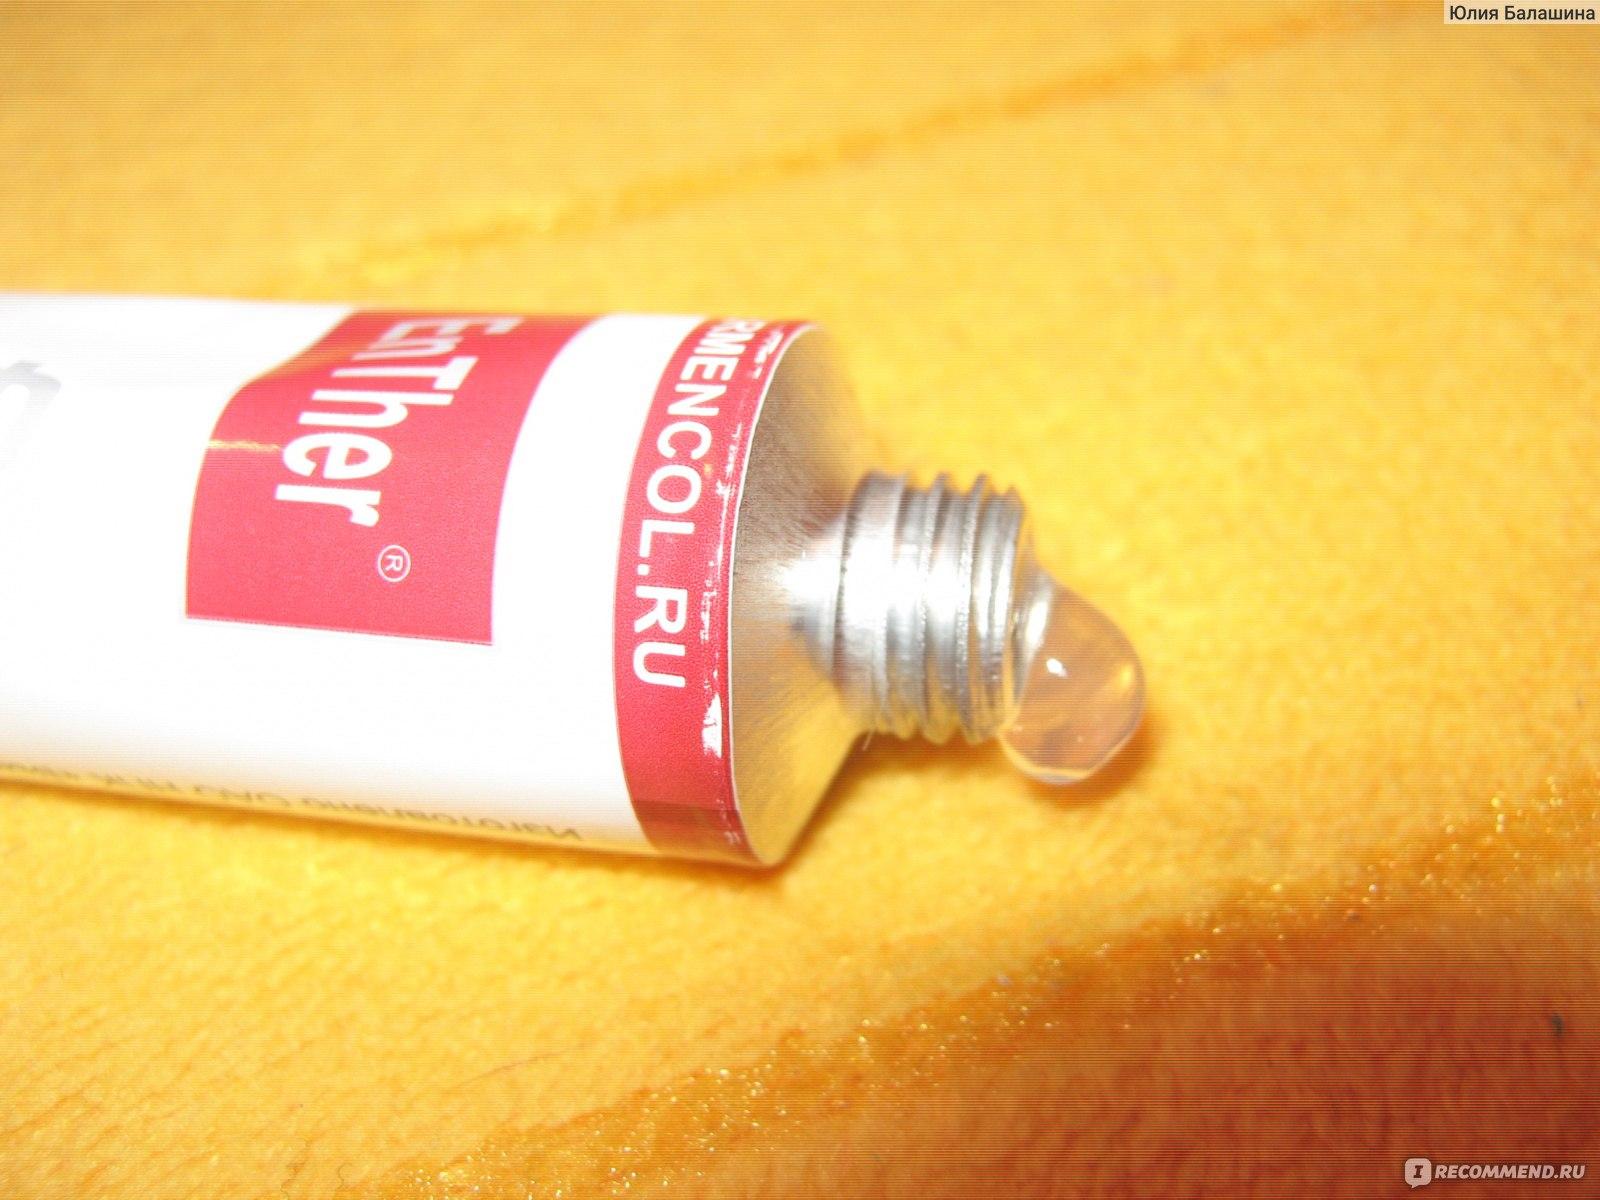 Ферменкол гель. инструкция по применению от рубцов, шрамов, растяжек. состав, цена, аналоги